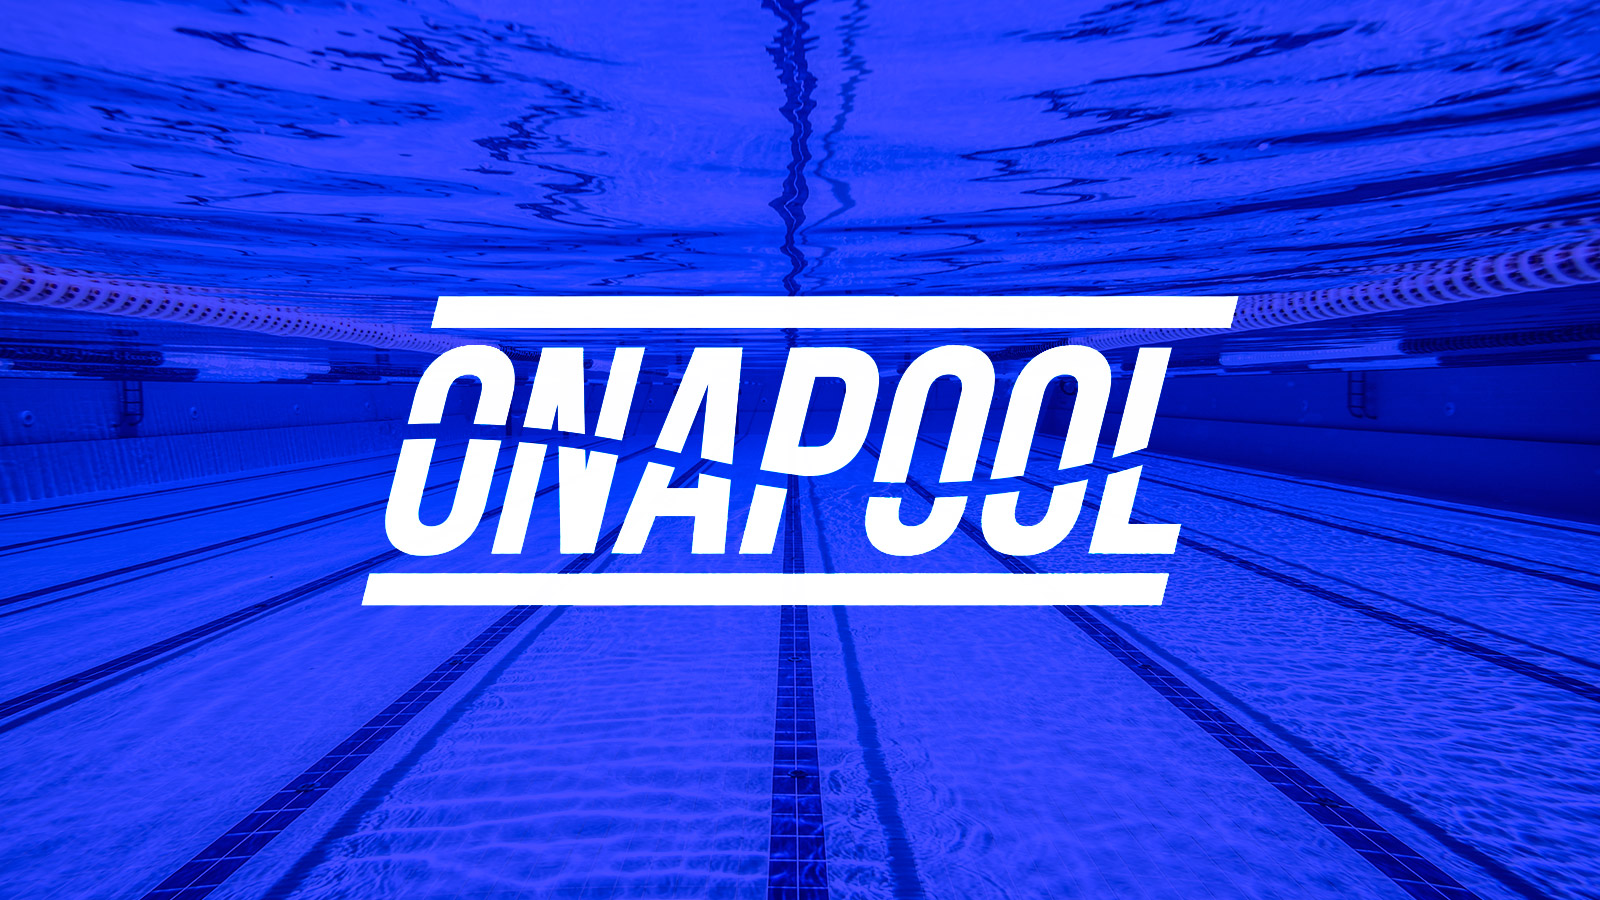 logo-piscinas